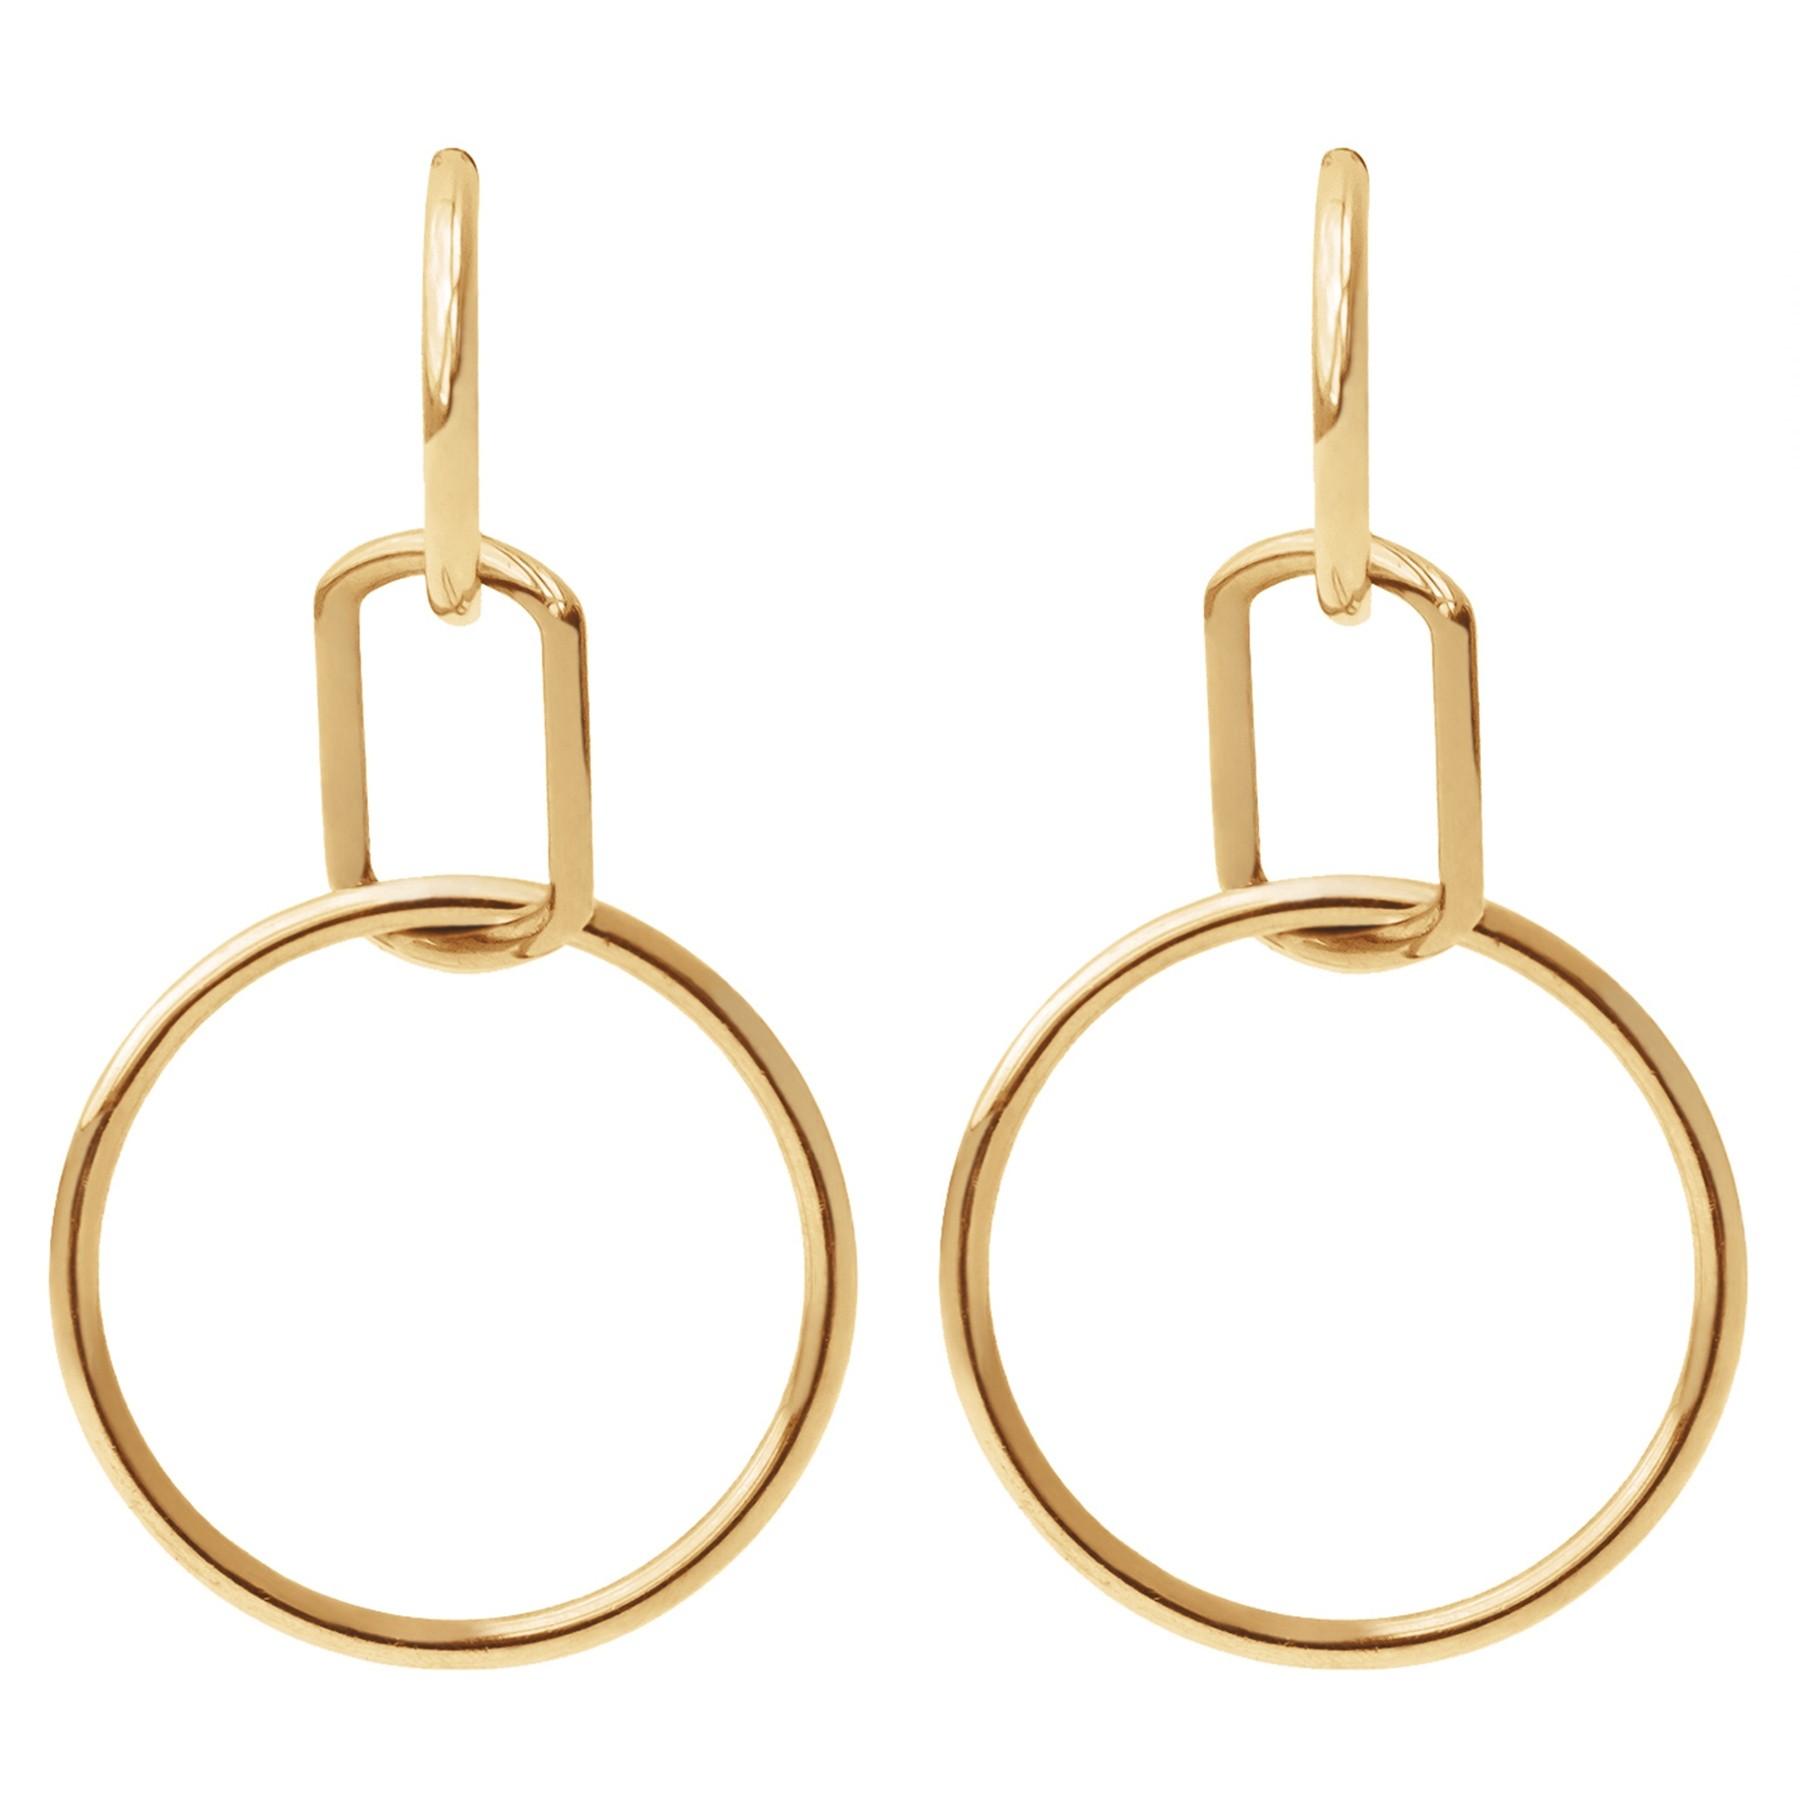 Boucles d'oreilles California, plaqué or